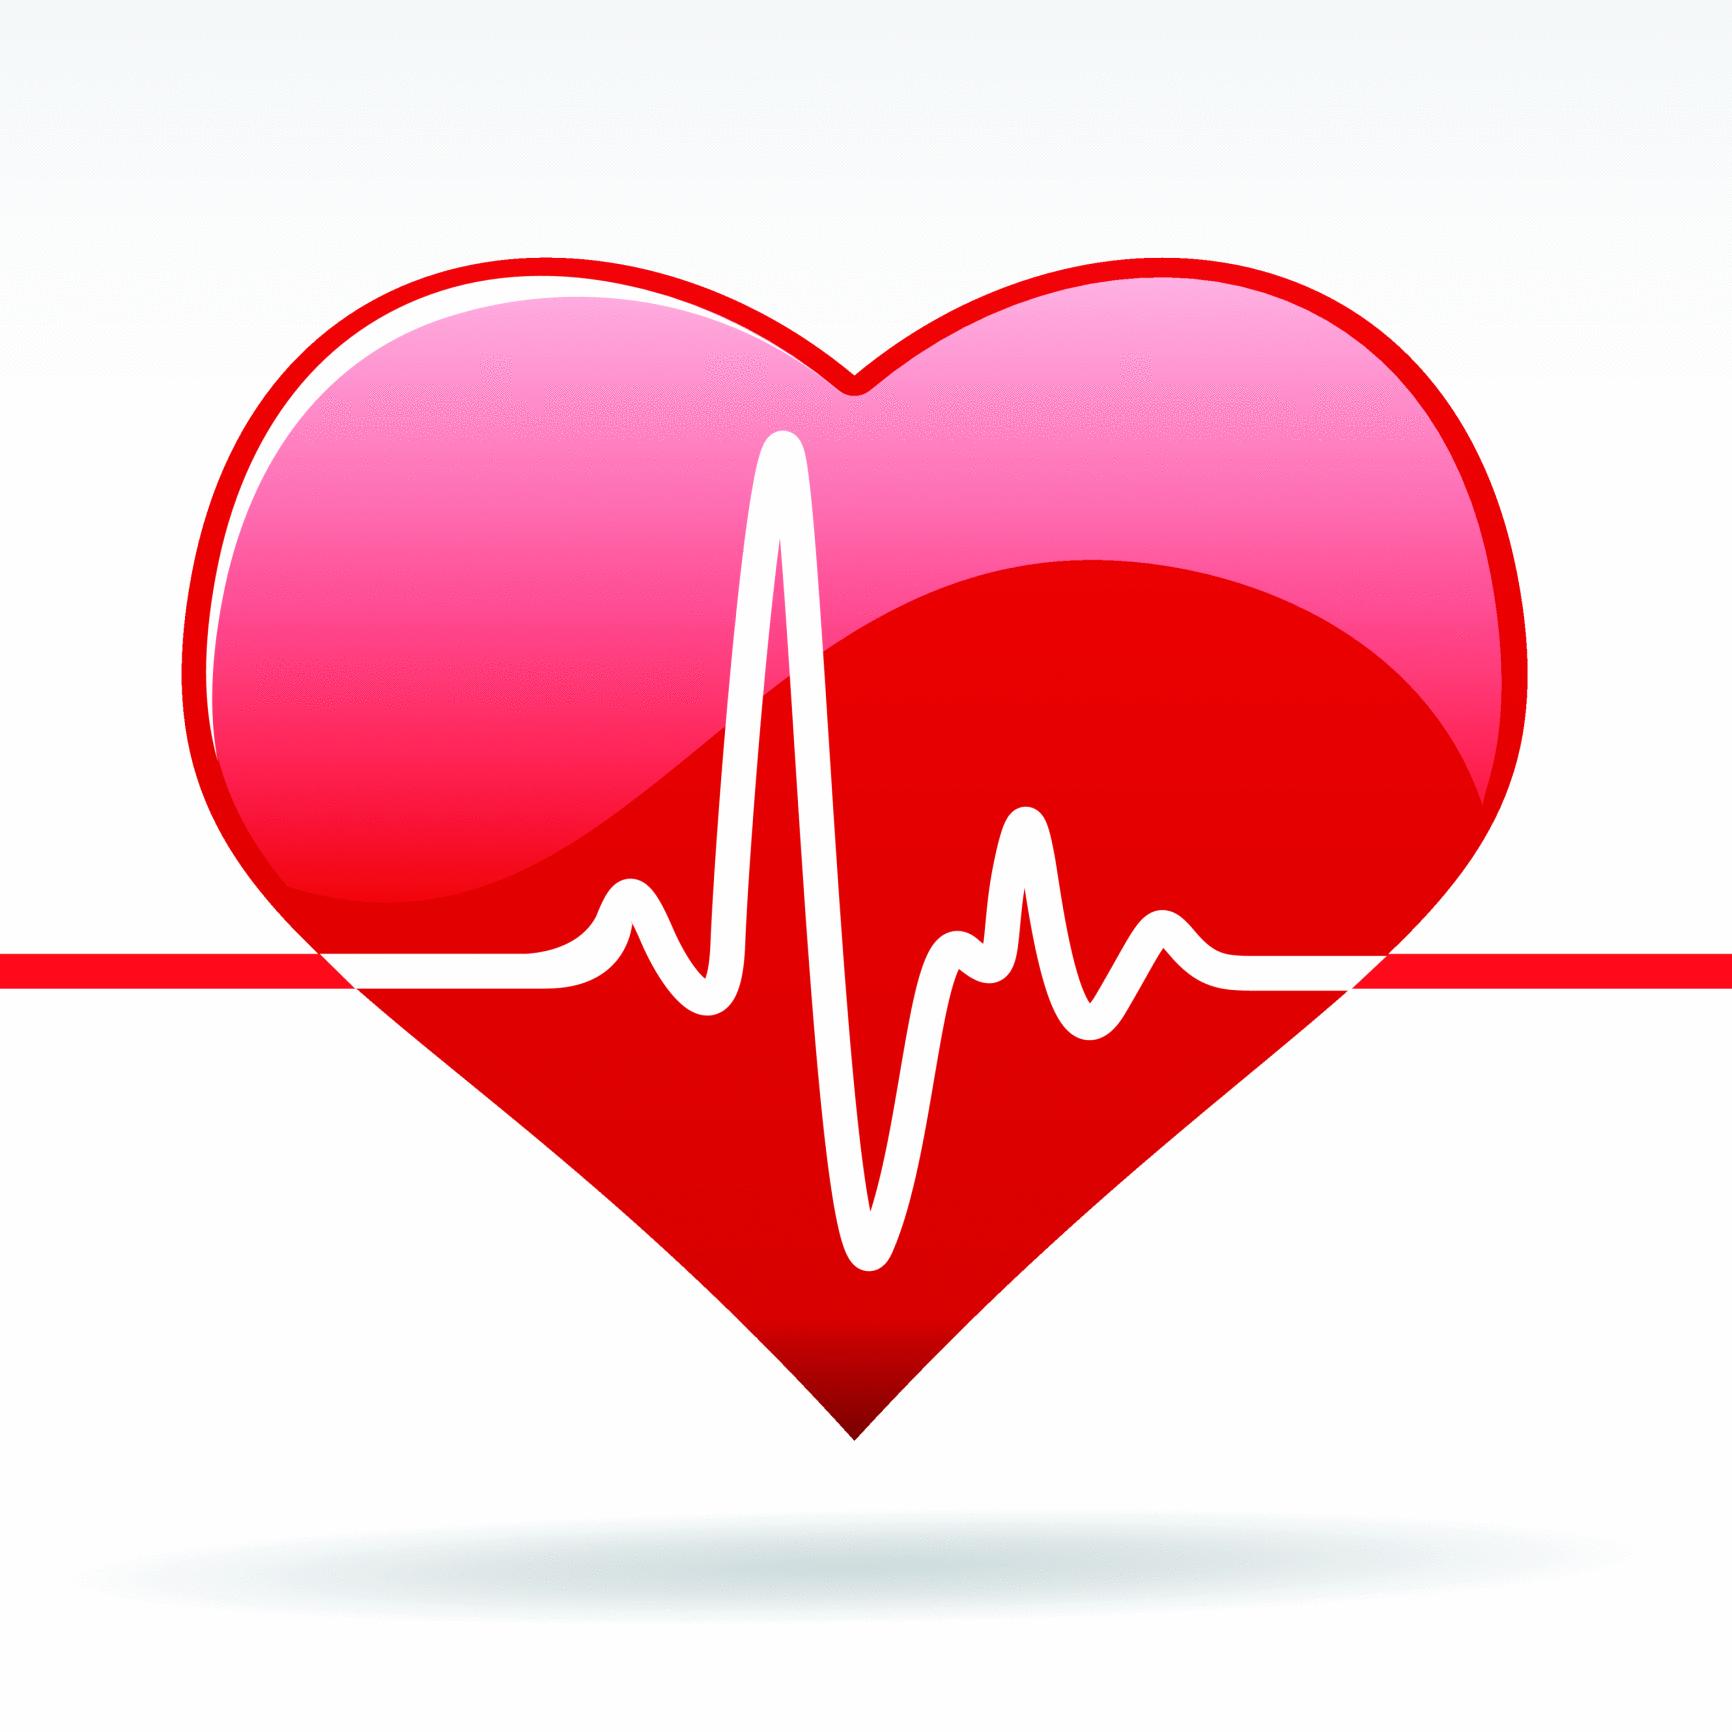 Lekcije za srce: Nekad su stvari skrivene sa razlogom